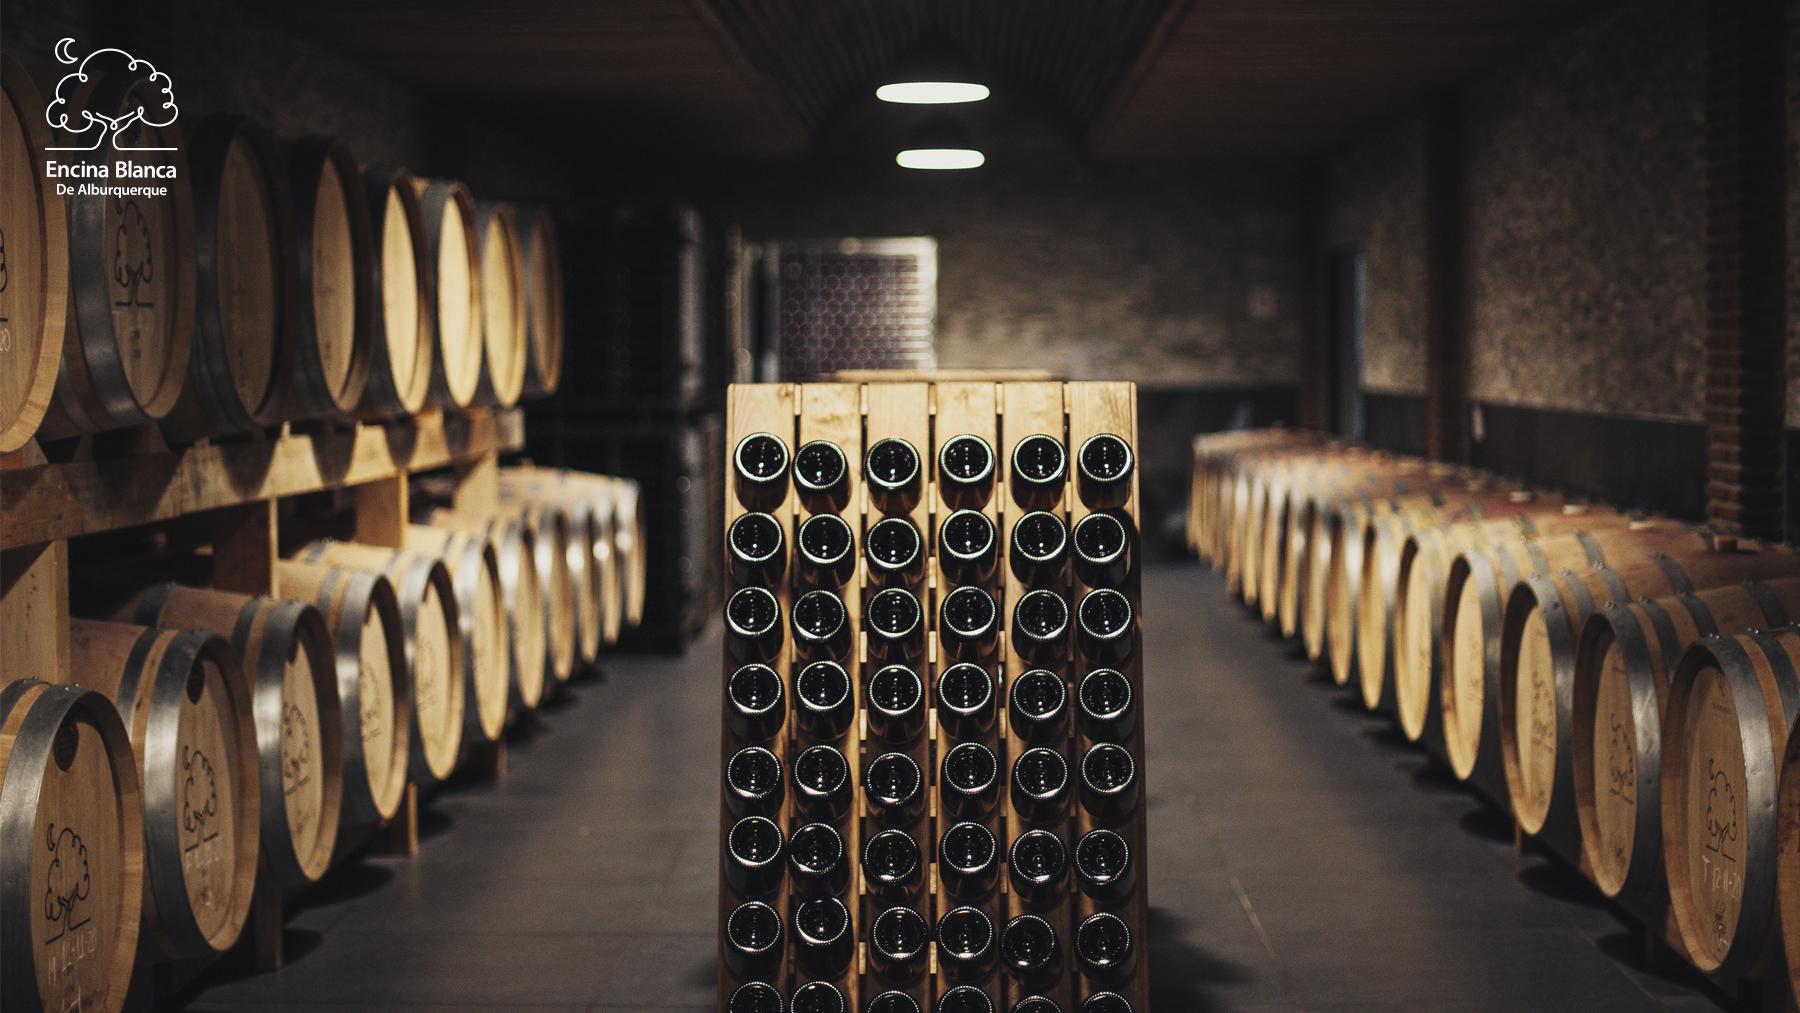 Se pueden ver las botellas de vino encina blanca de alburquerque reposando en la bodega para alcanzar el nivel óptimo de maduración del vino en ellas